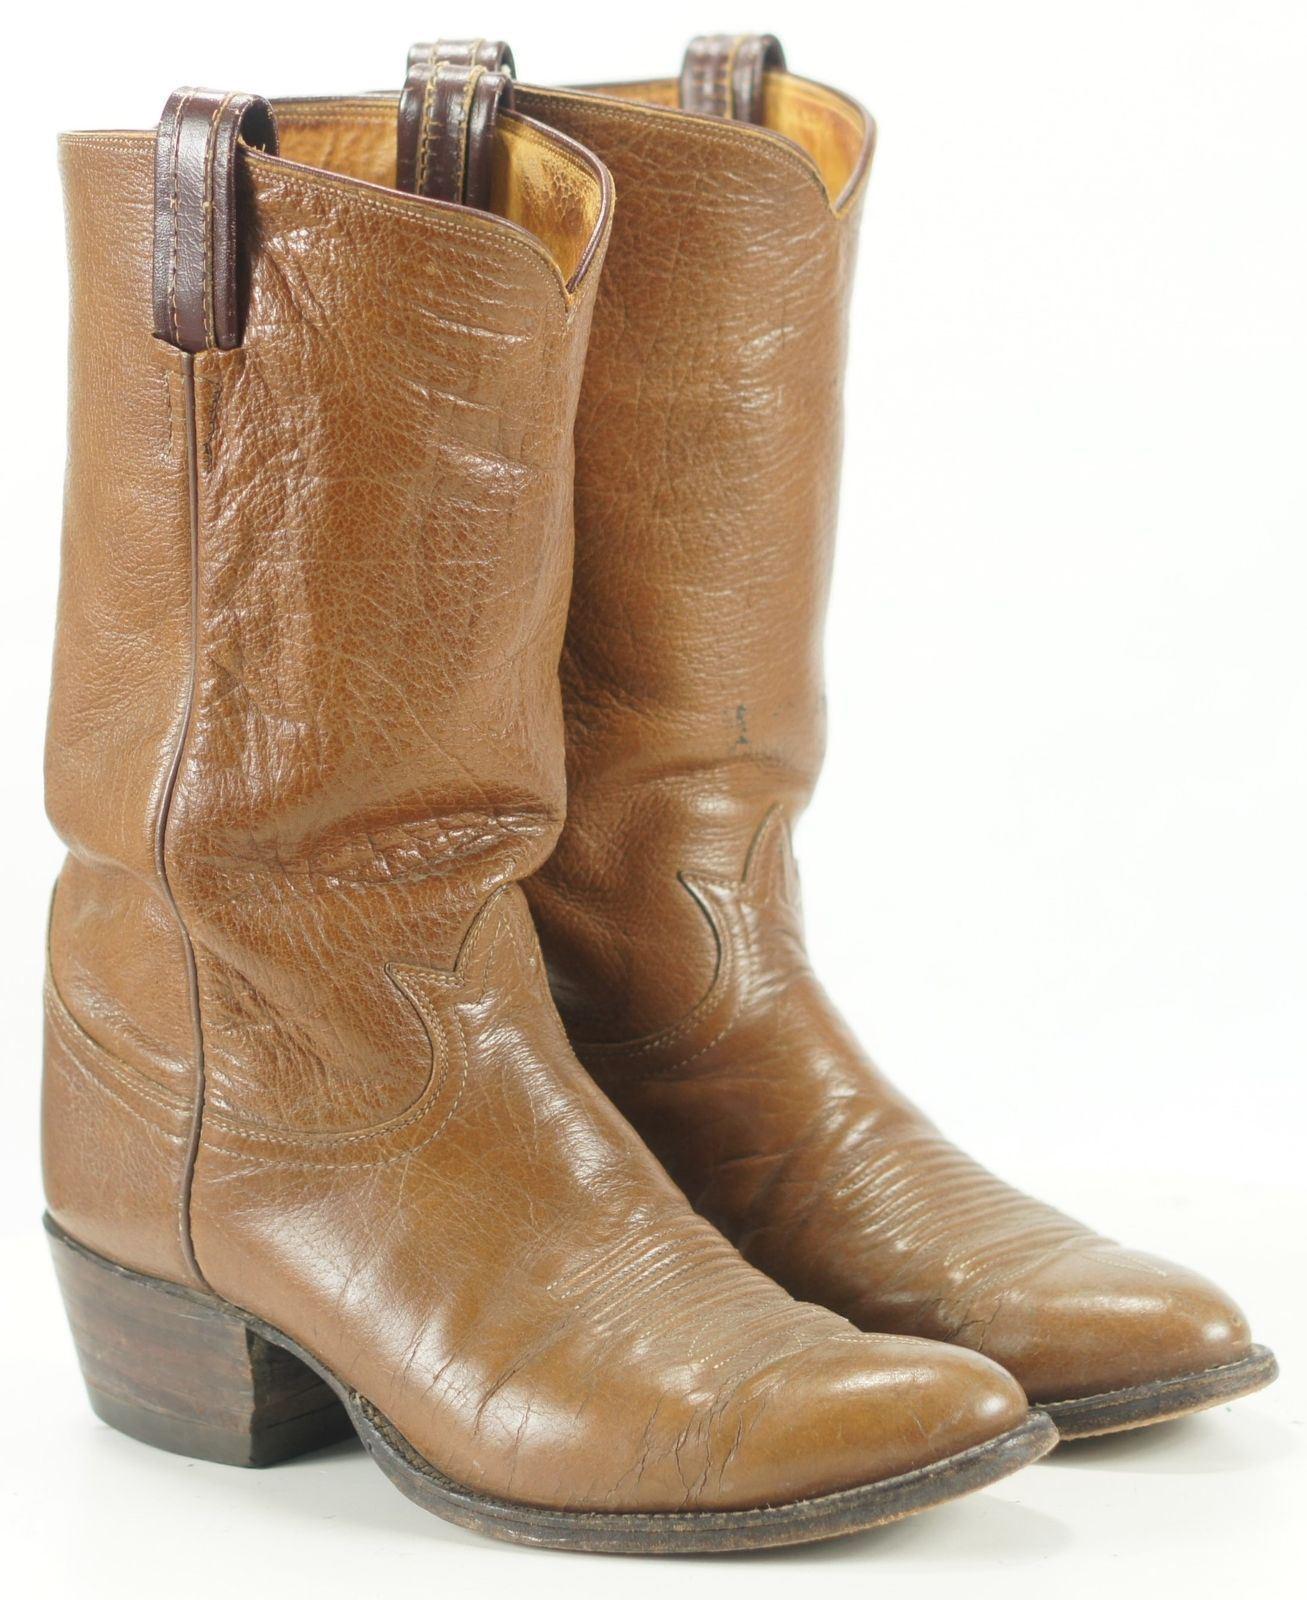 disponibile Tony Lama Uomo Marrone Leather Western Western Western Cowboy stivali Vintage nero Label US Made 9  qualità autentica